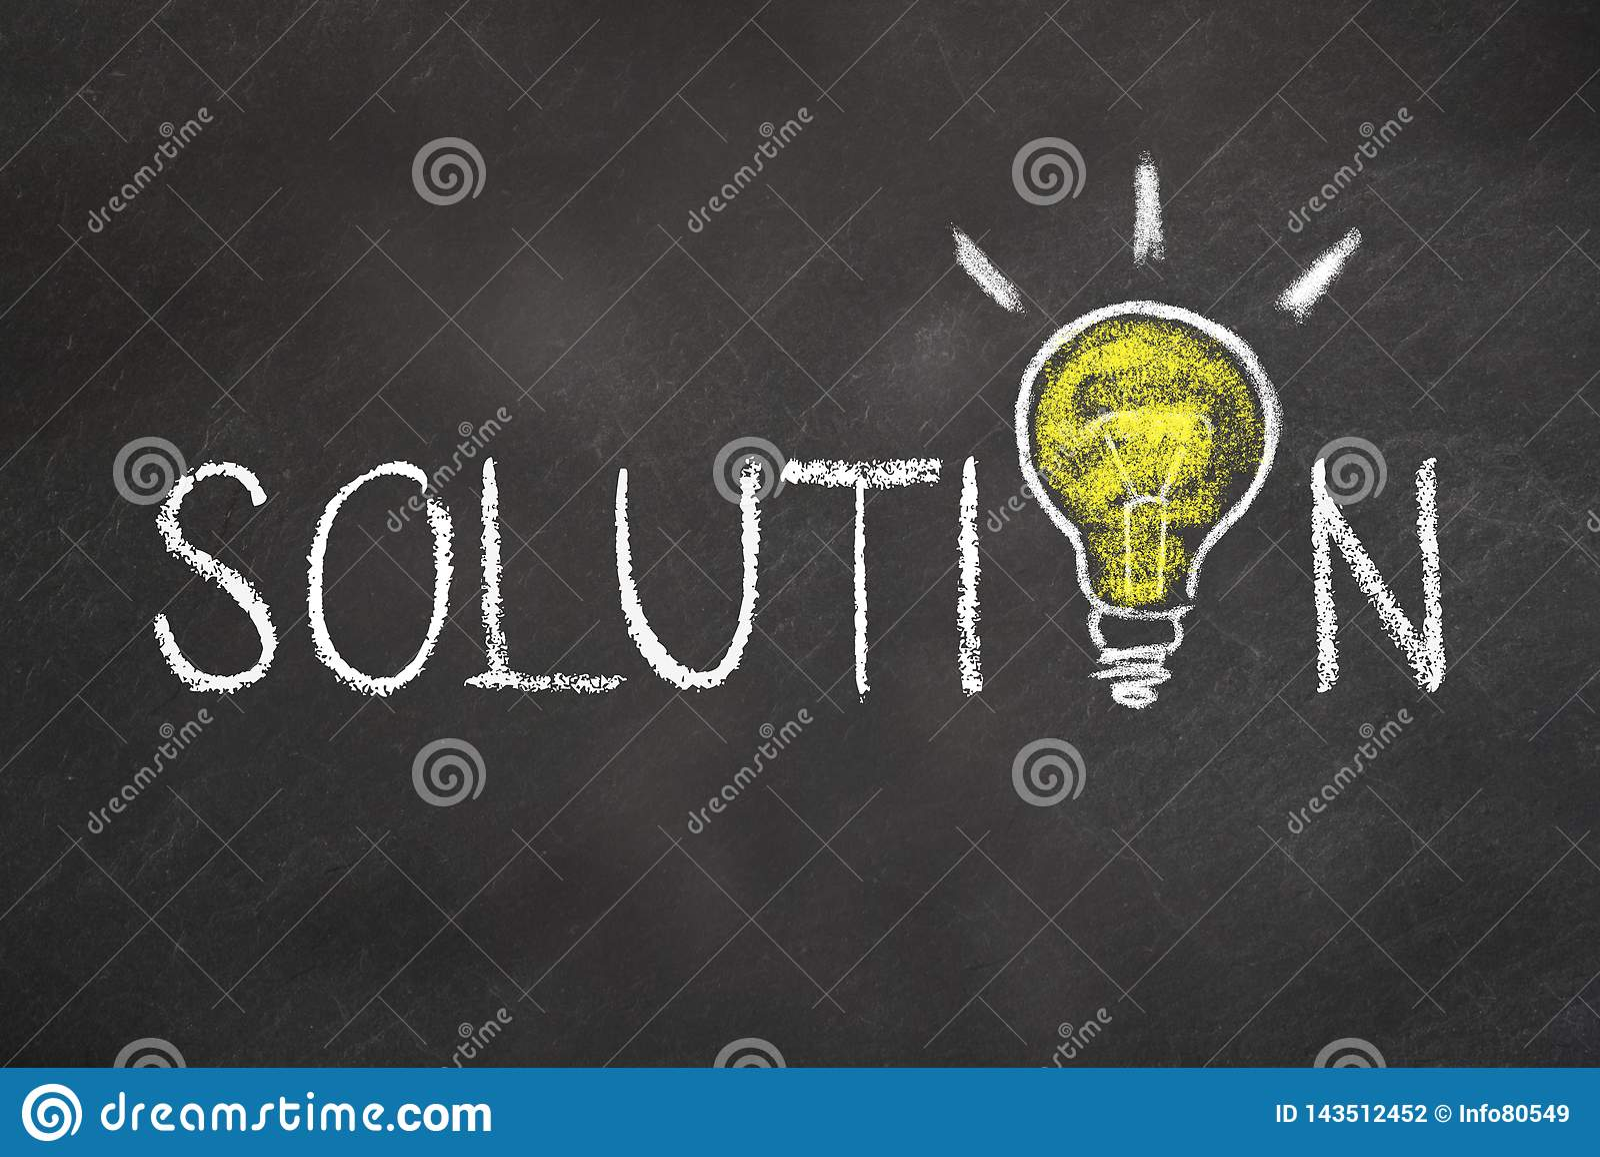 '与一个想法电灯泡的解答'文本在粉笔板